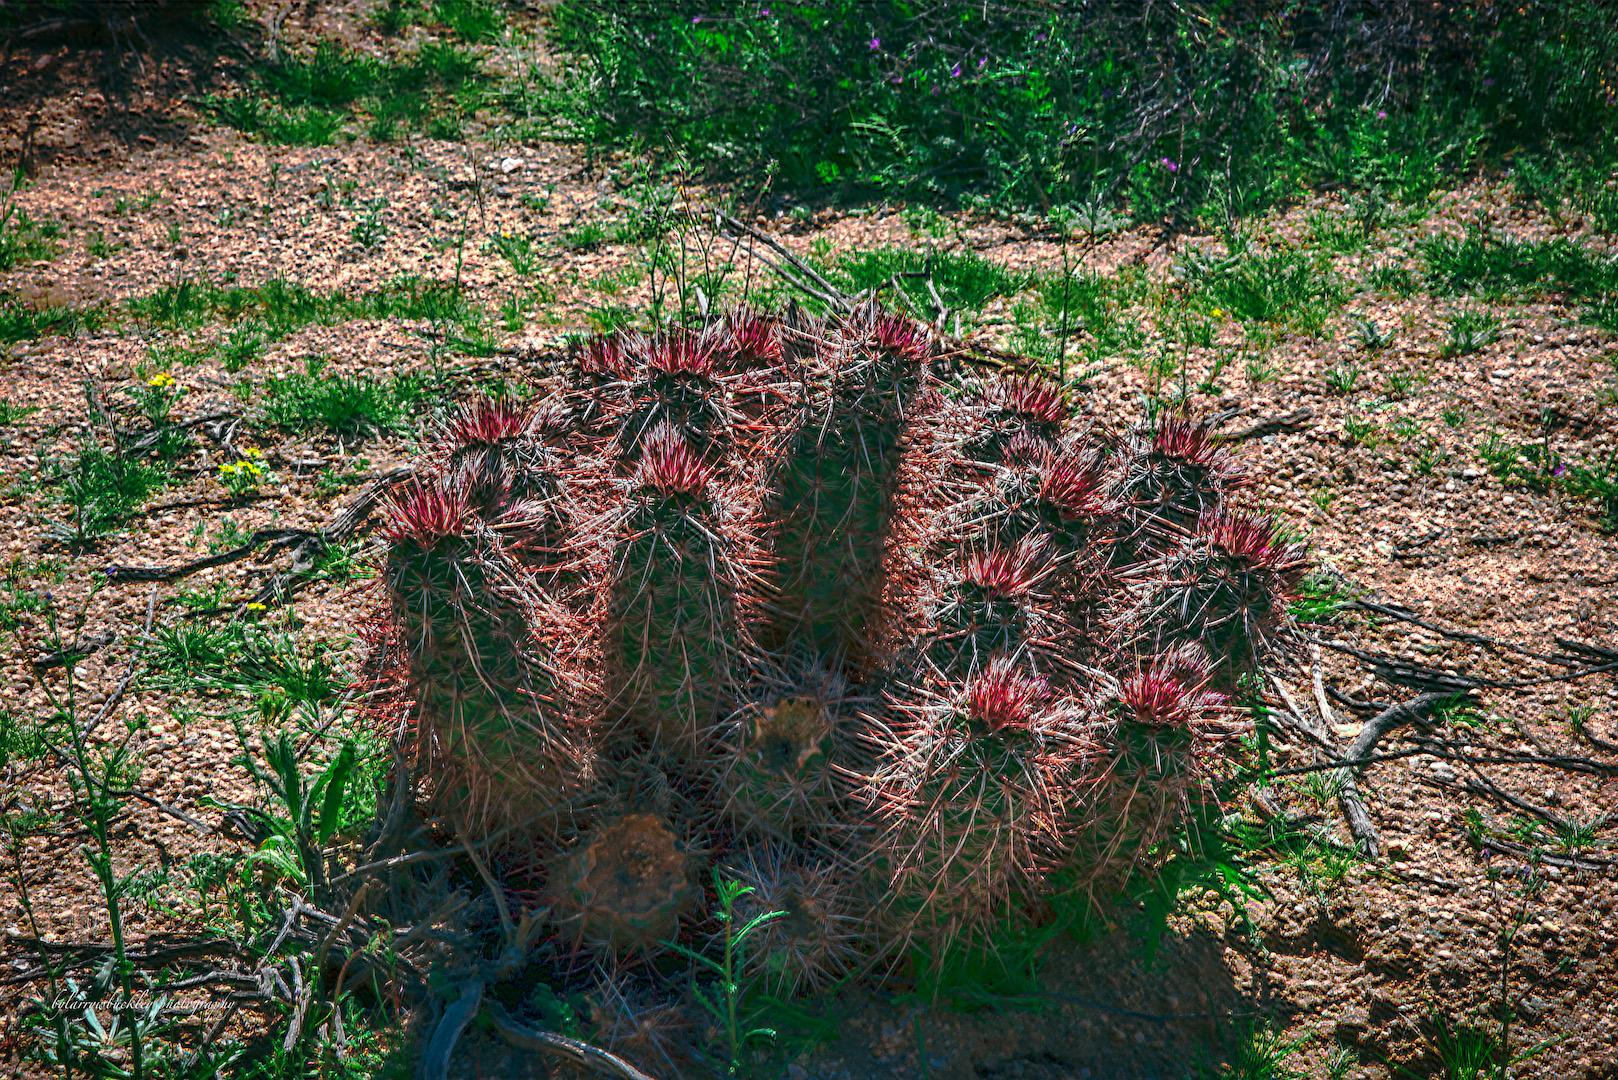 Mojave Mound Cactus